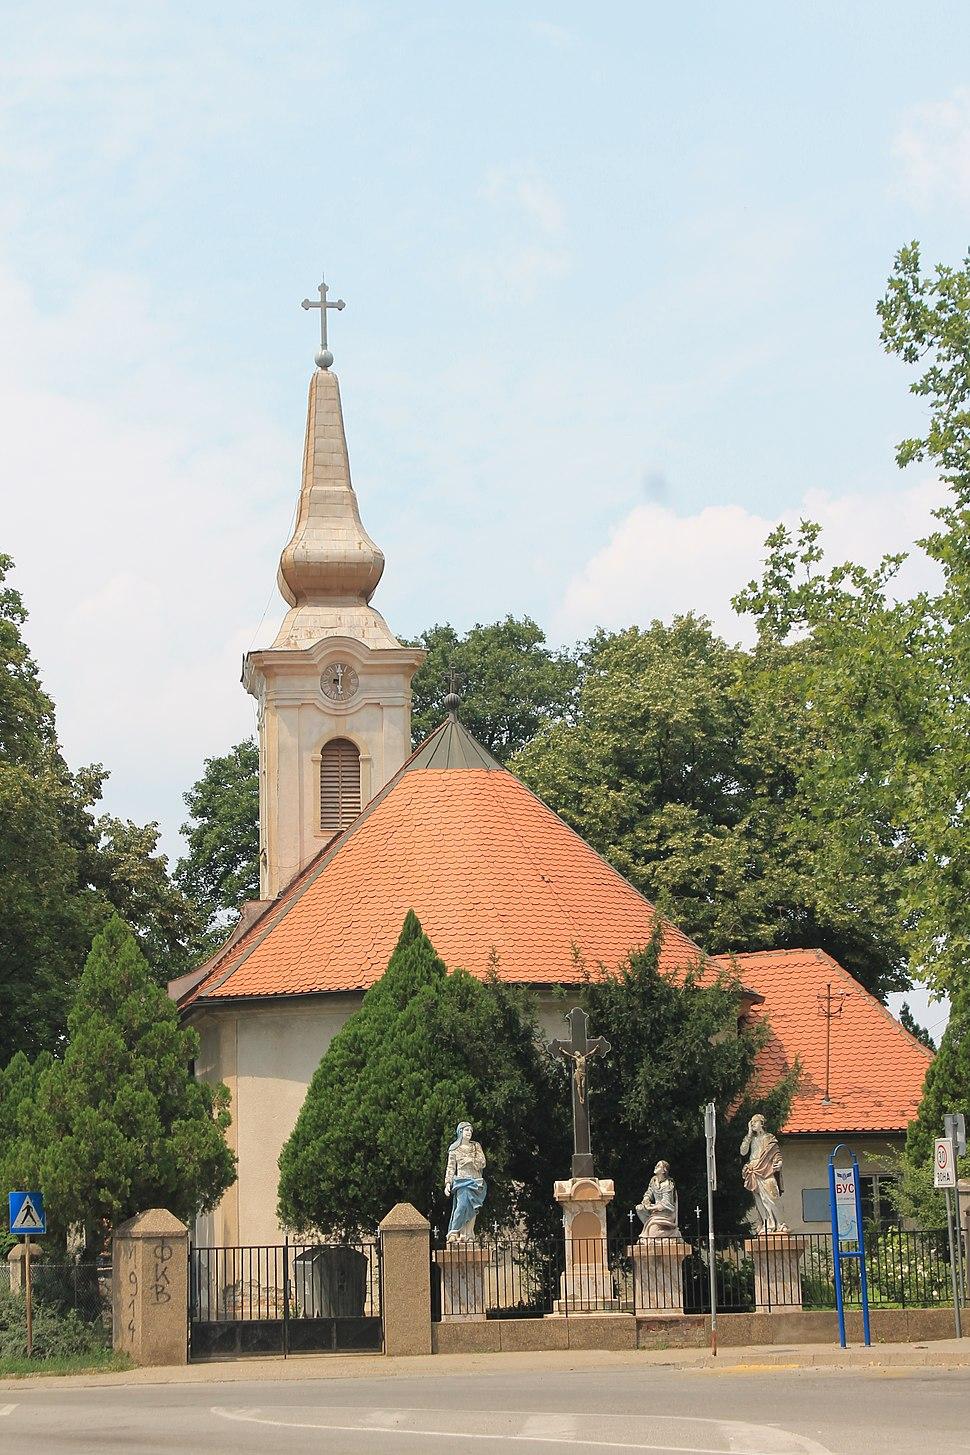 Rimokatolička crkva (Sremska Kamenica) 6.7.2018 331